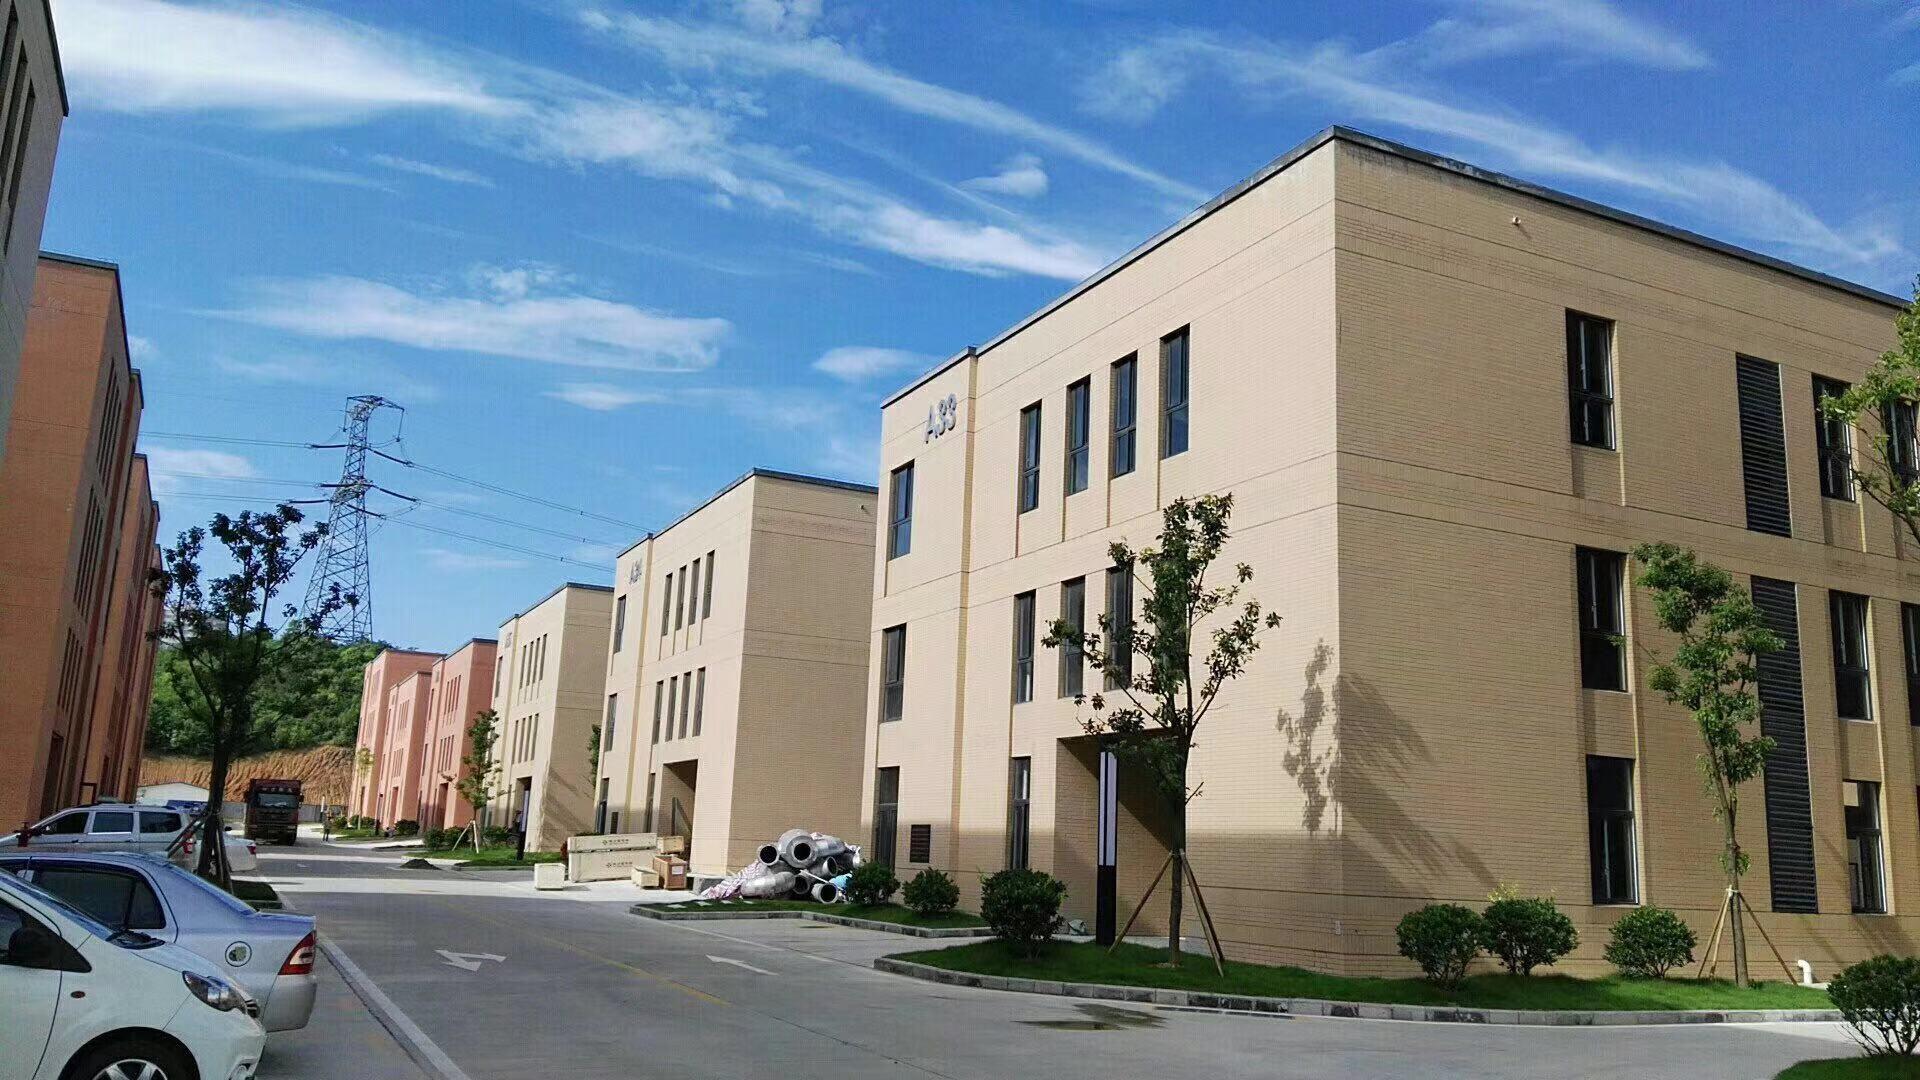 长沙唯一两层独栋、望城区两层独栋、三层独栋现房出售